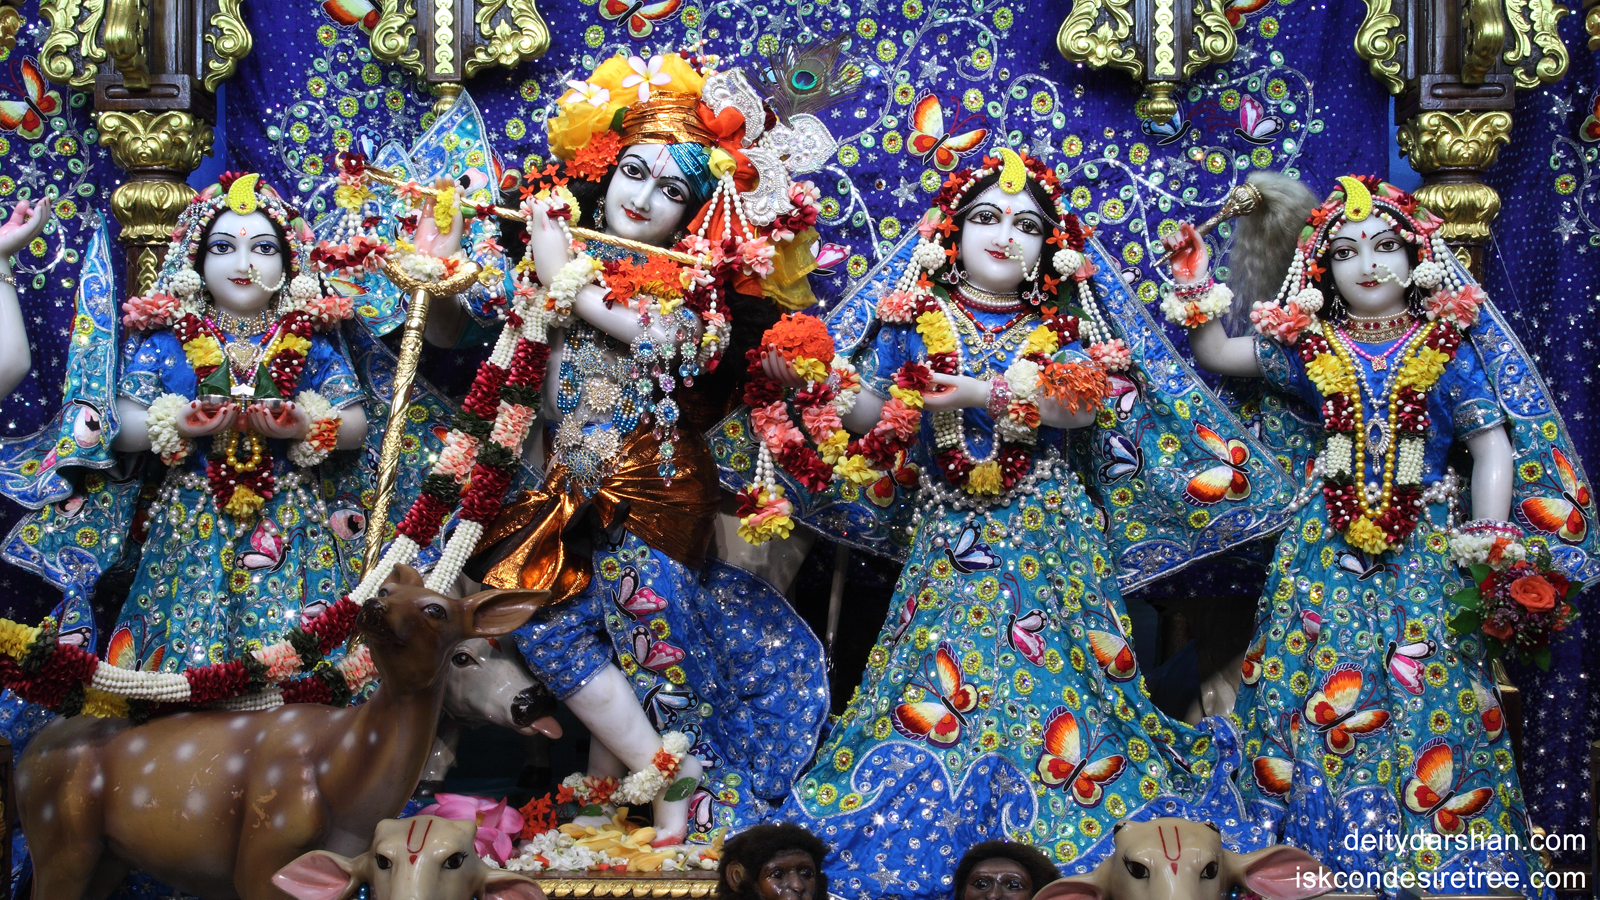 Sri Sri Radha Gopinath Lalita Vishakha Wallpaper (011) Size 1600x900 Download